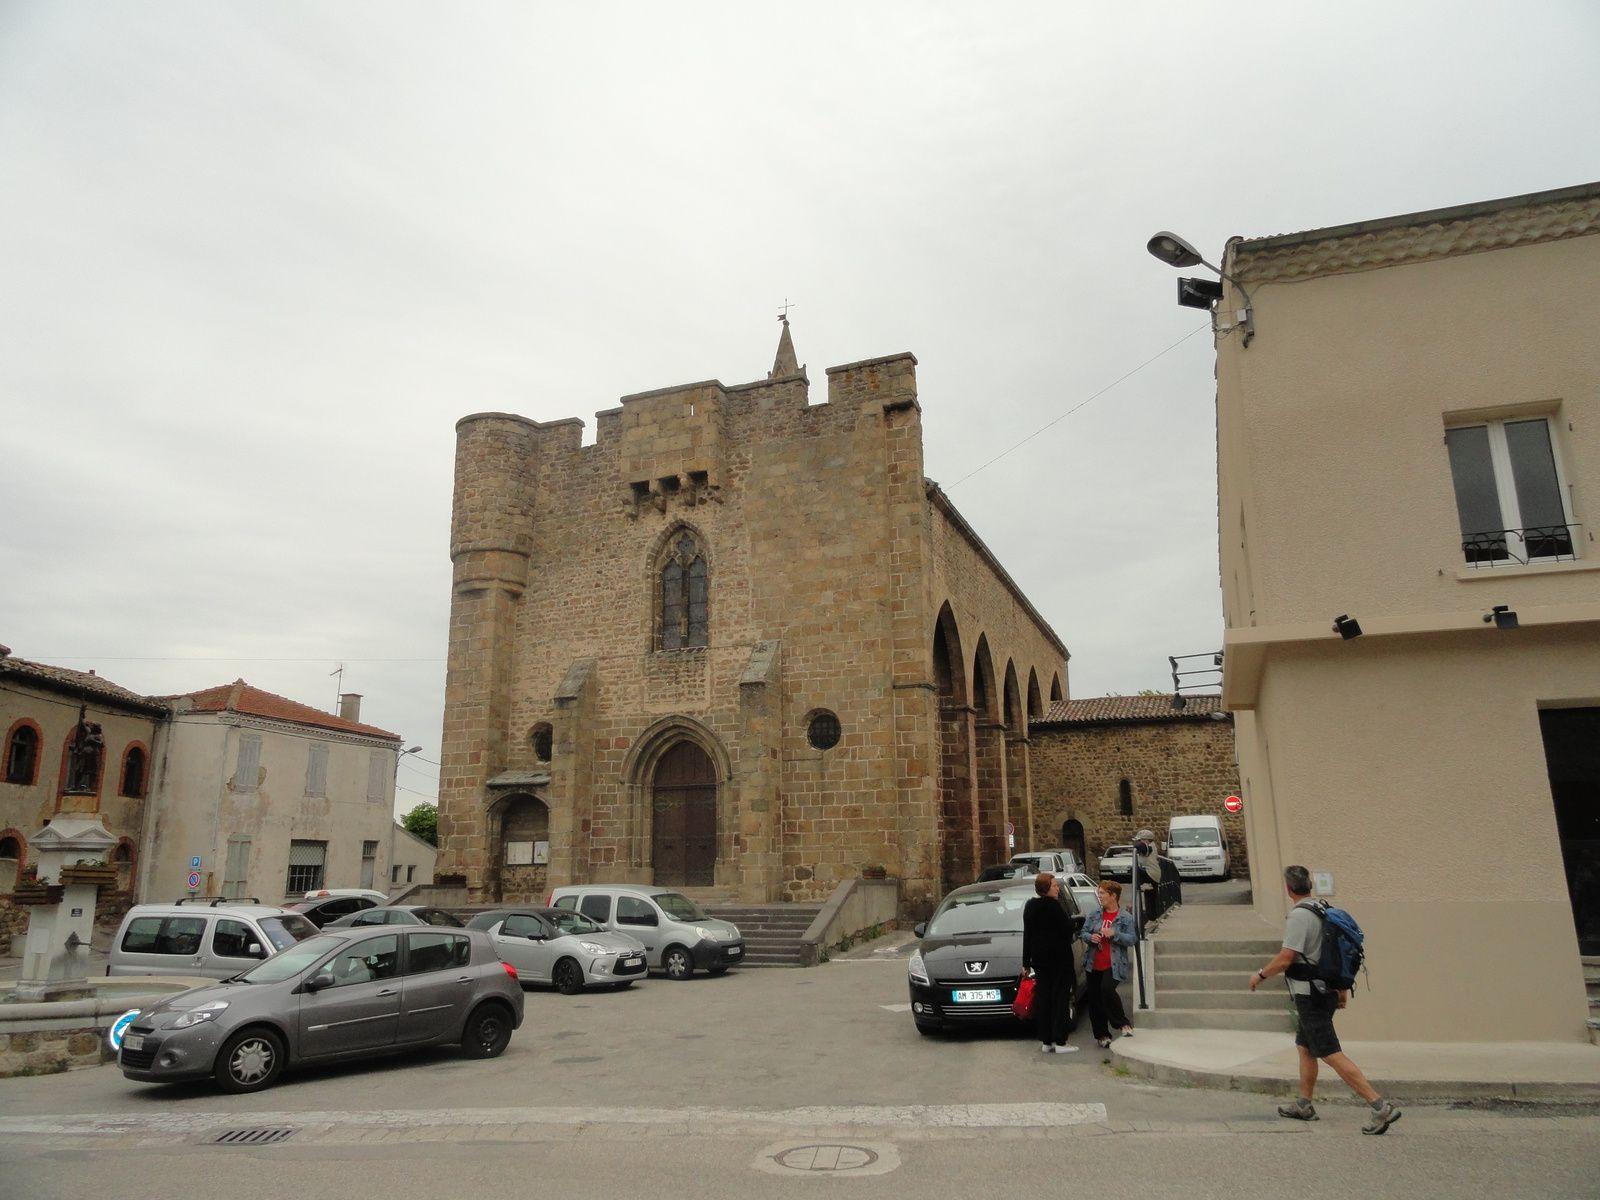 Arrivée à Quintenas avec sa belle église St Pierre aux liens.